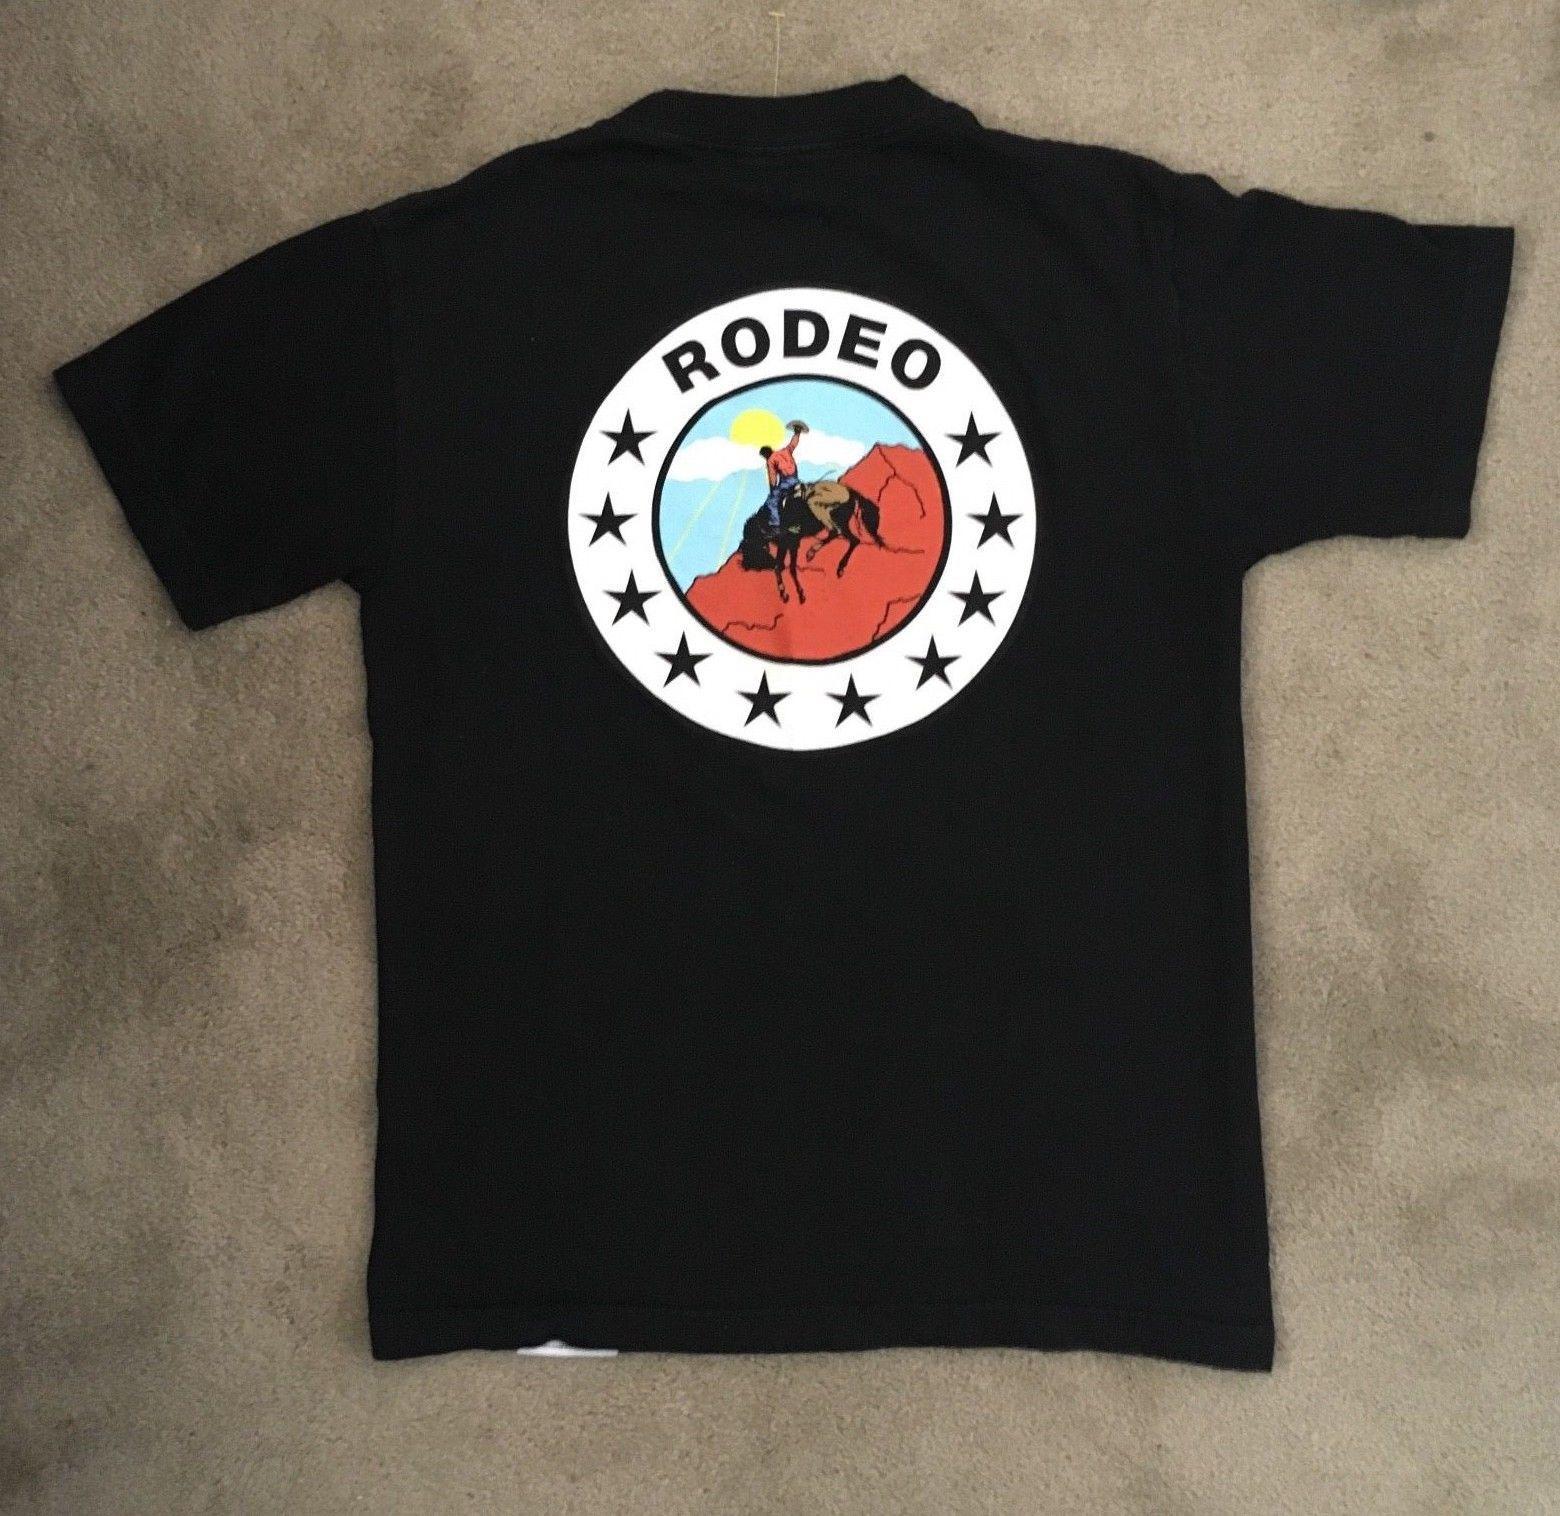 d9703ef1666d Détails Sur Travis Scott X Diamond Supply Rodeo T-shirt Black S Rare ...